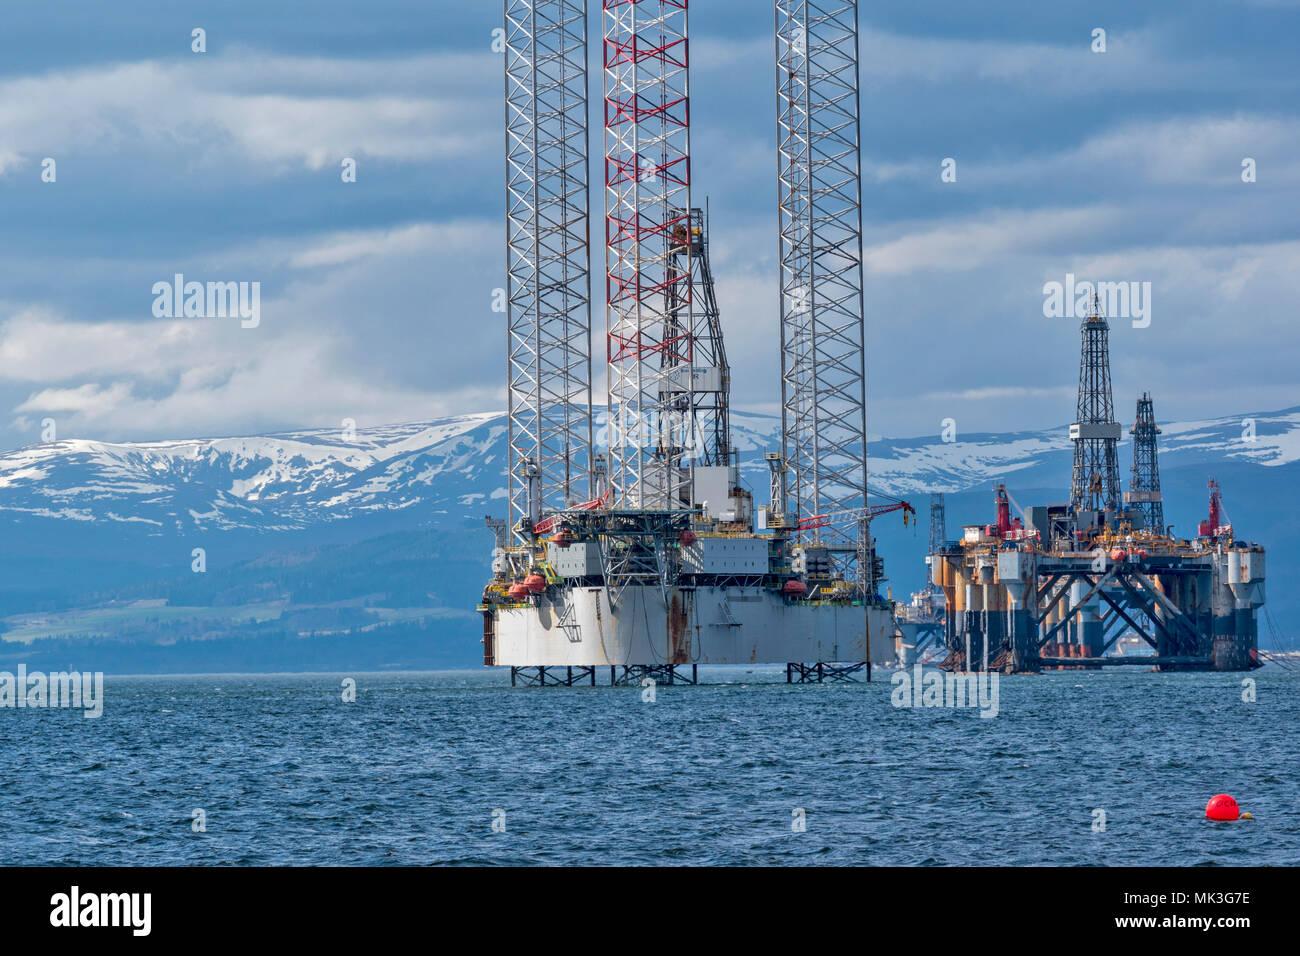 CROMARTY FIRTH ESCOCIA TALL Oil Rig o plataforma de perforación y la retirada BAUG Oil Rig con montañas cubiertas de nieve Foto de stock